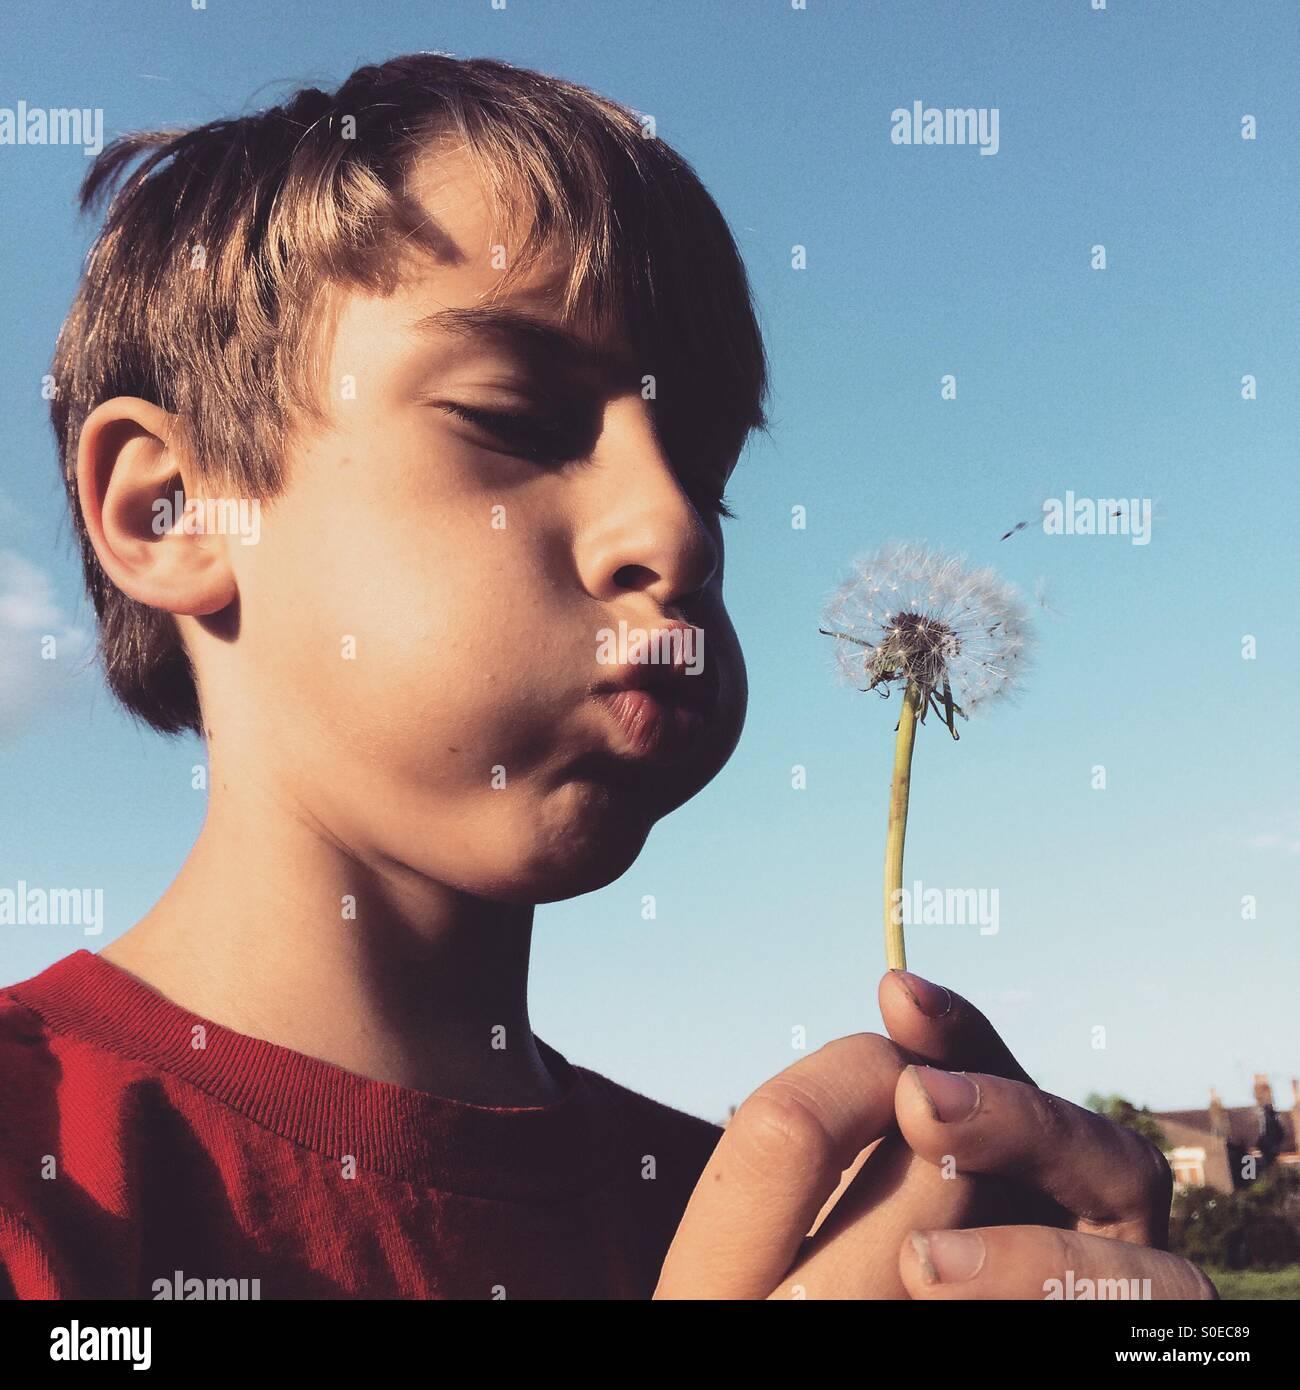 Un jeune garçon soufflant un pissenlit. Photo Stock